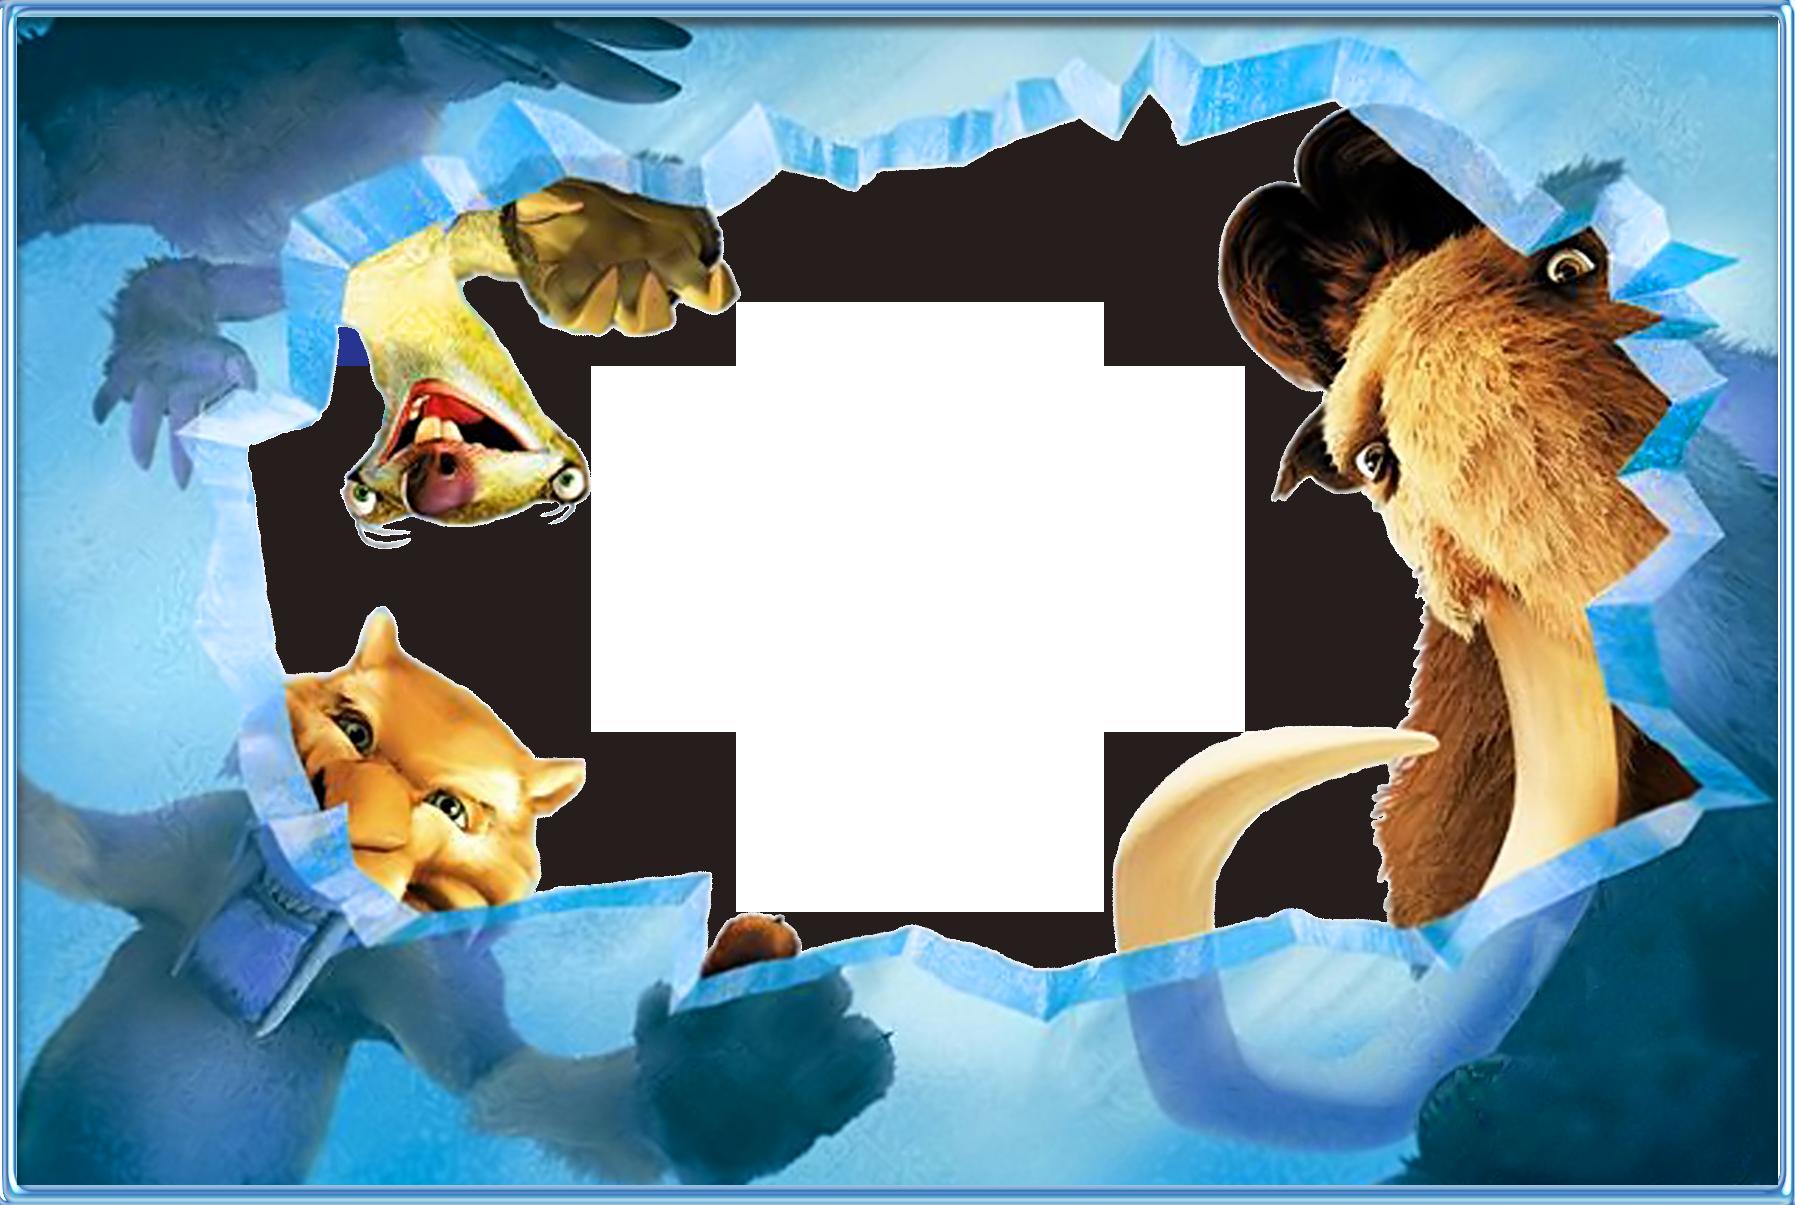 Mẫu khung ảnh hoạt hình cho Photoshop